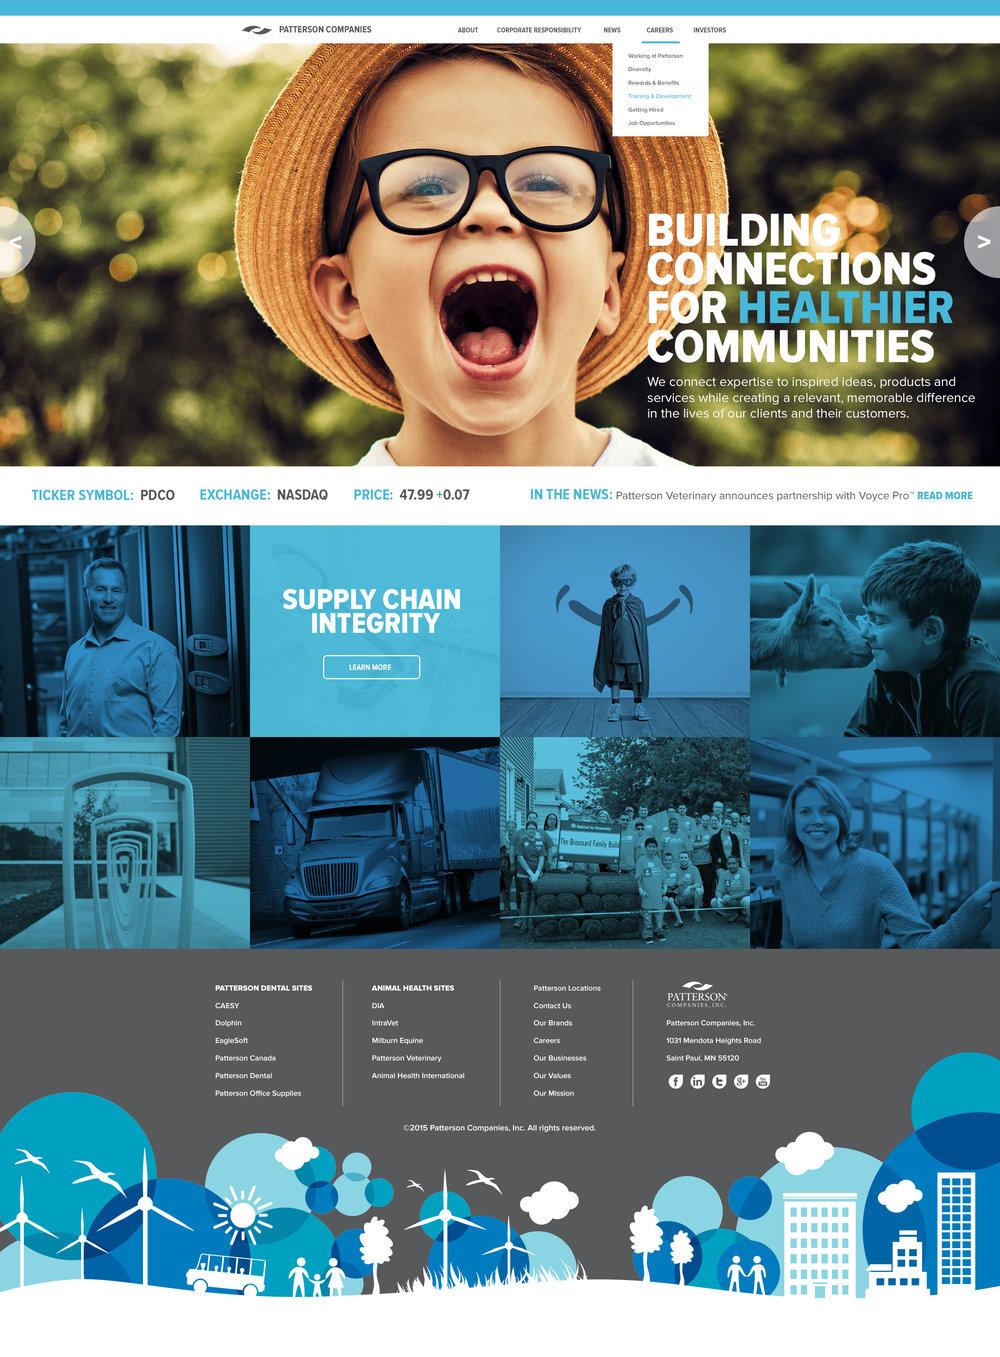 Patterson Corporate Site Design Concept